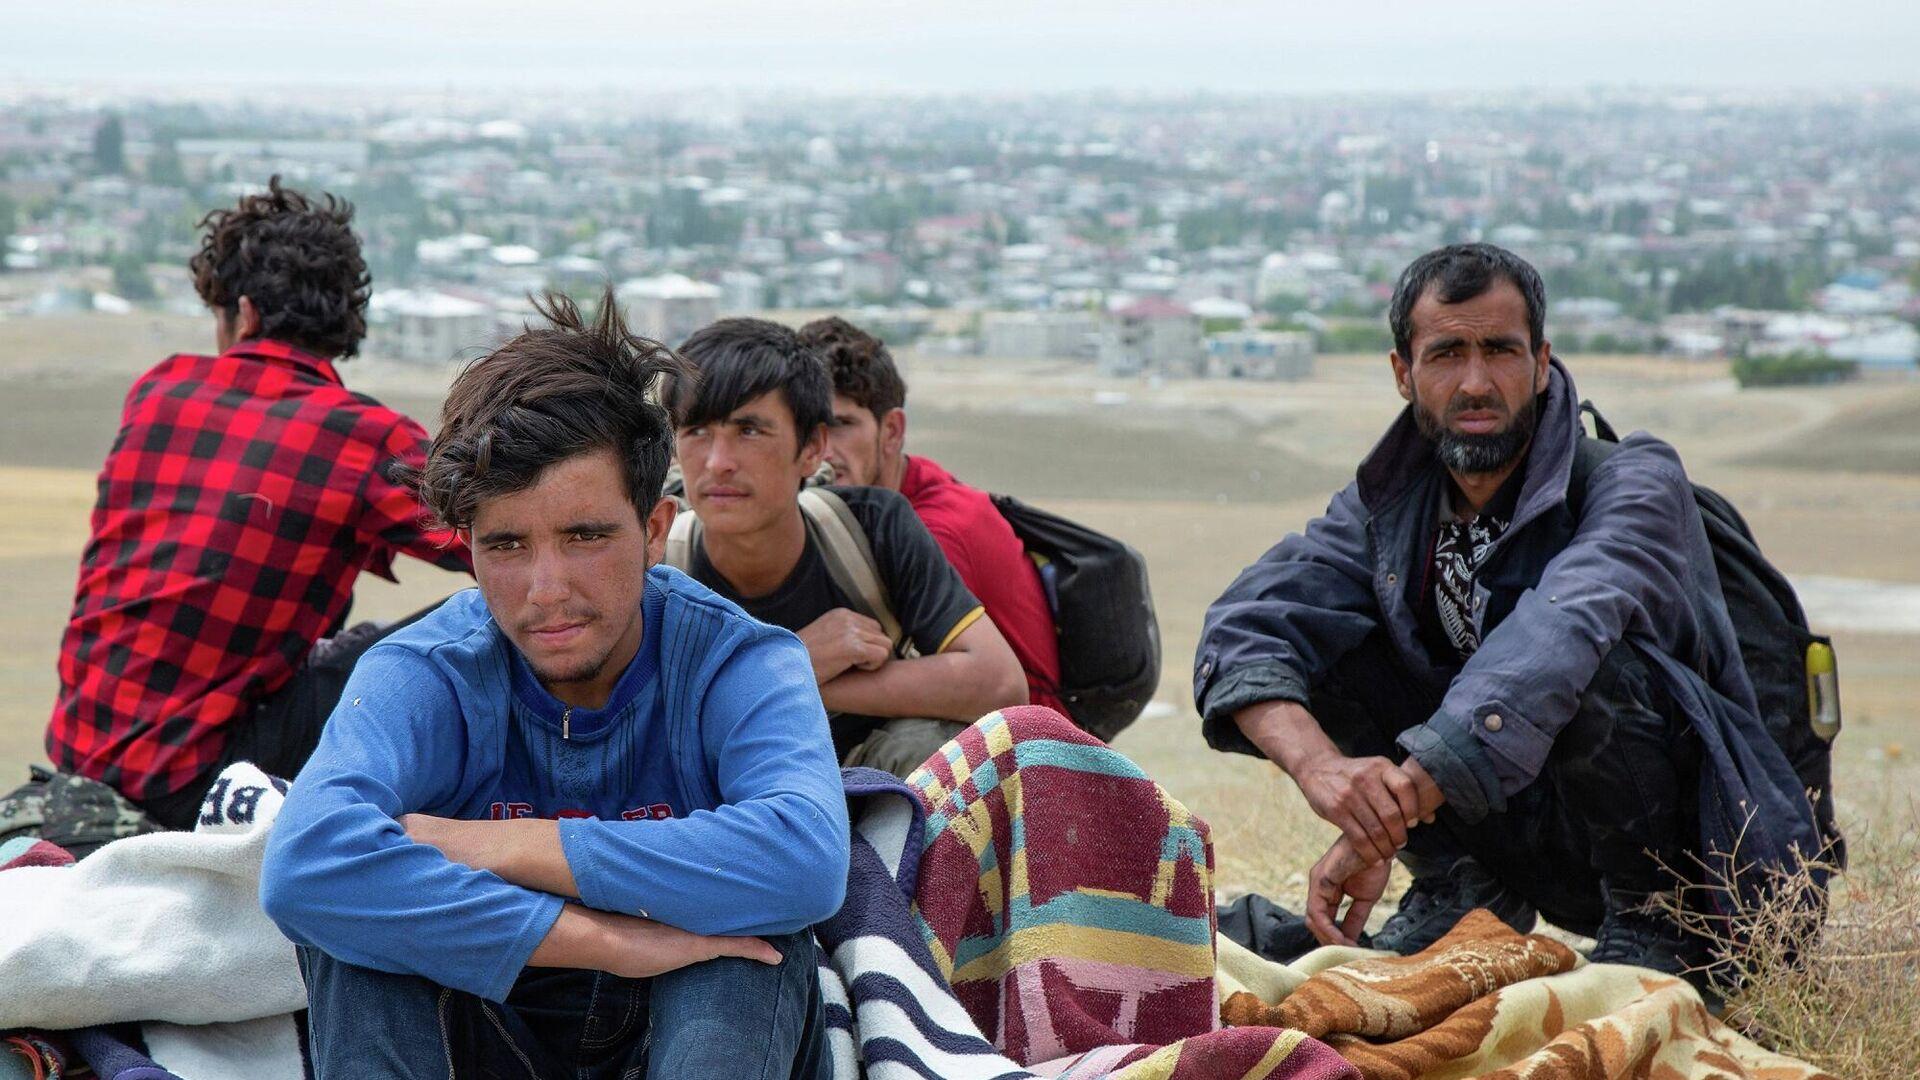 Sınırda önlemlerin arttırıldığı yönünde açıklamalar yapılsa da İran üzerinden Van'a Afgan göçmen trafiği sürüyor - Sputnik Türkiye, 1920, 08.09.2021